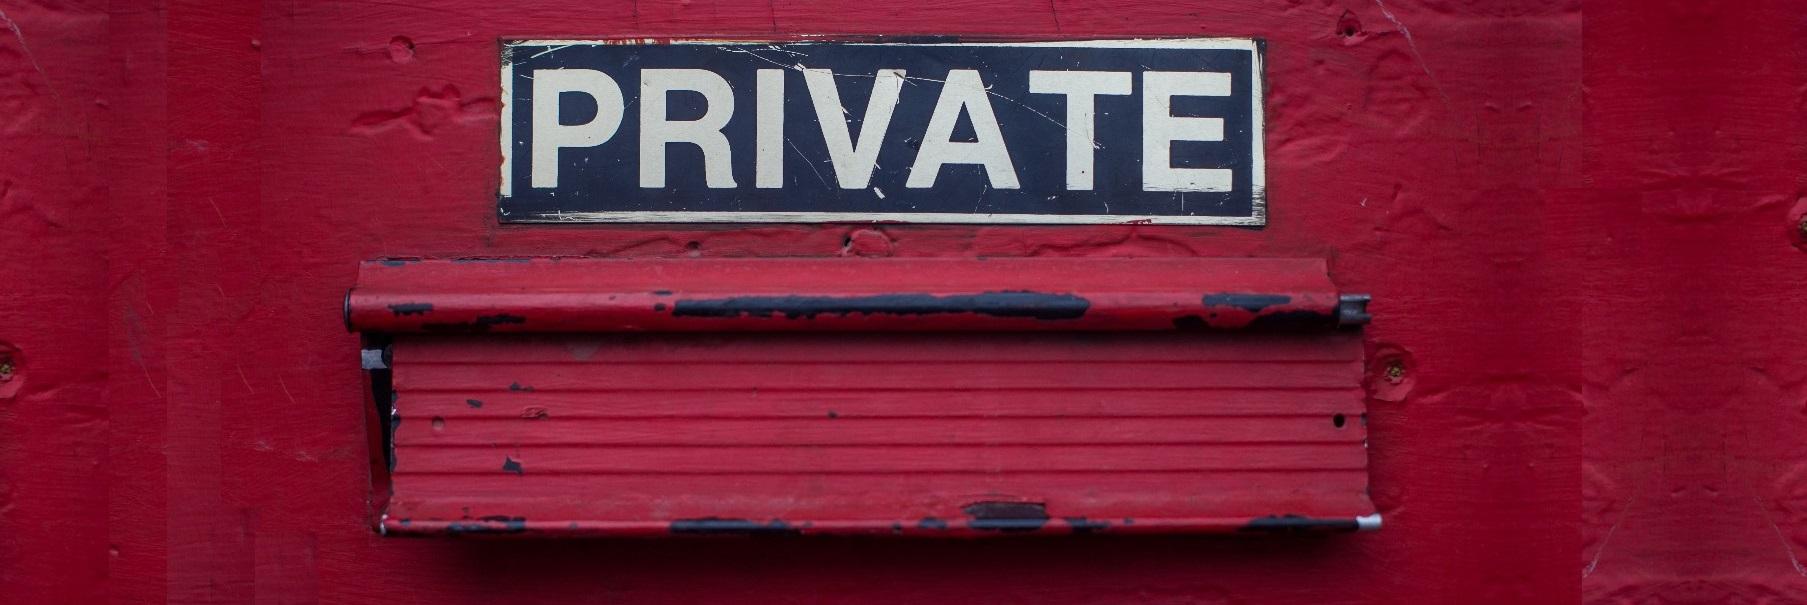 Ein wichtiger Zweck des Sender Policy Framework (SPF) ist es, die Gefahr durch Spam- und Phishing-E-Mails zu minimieren.